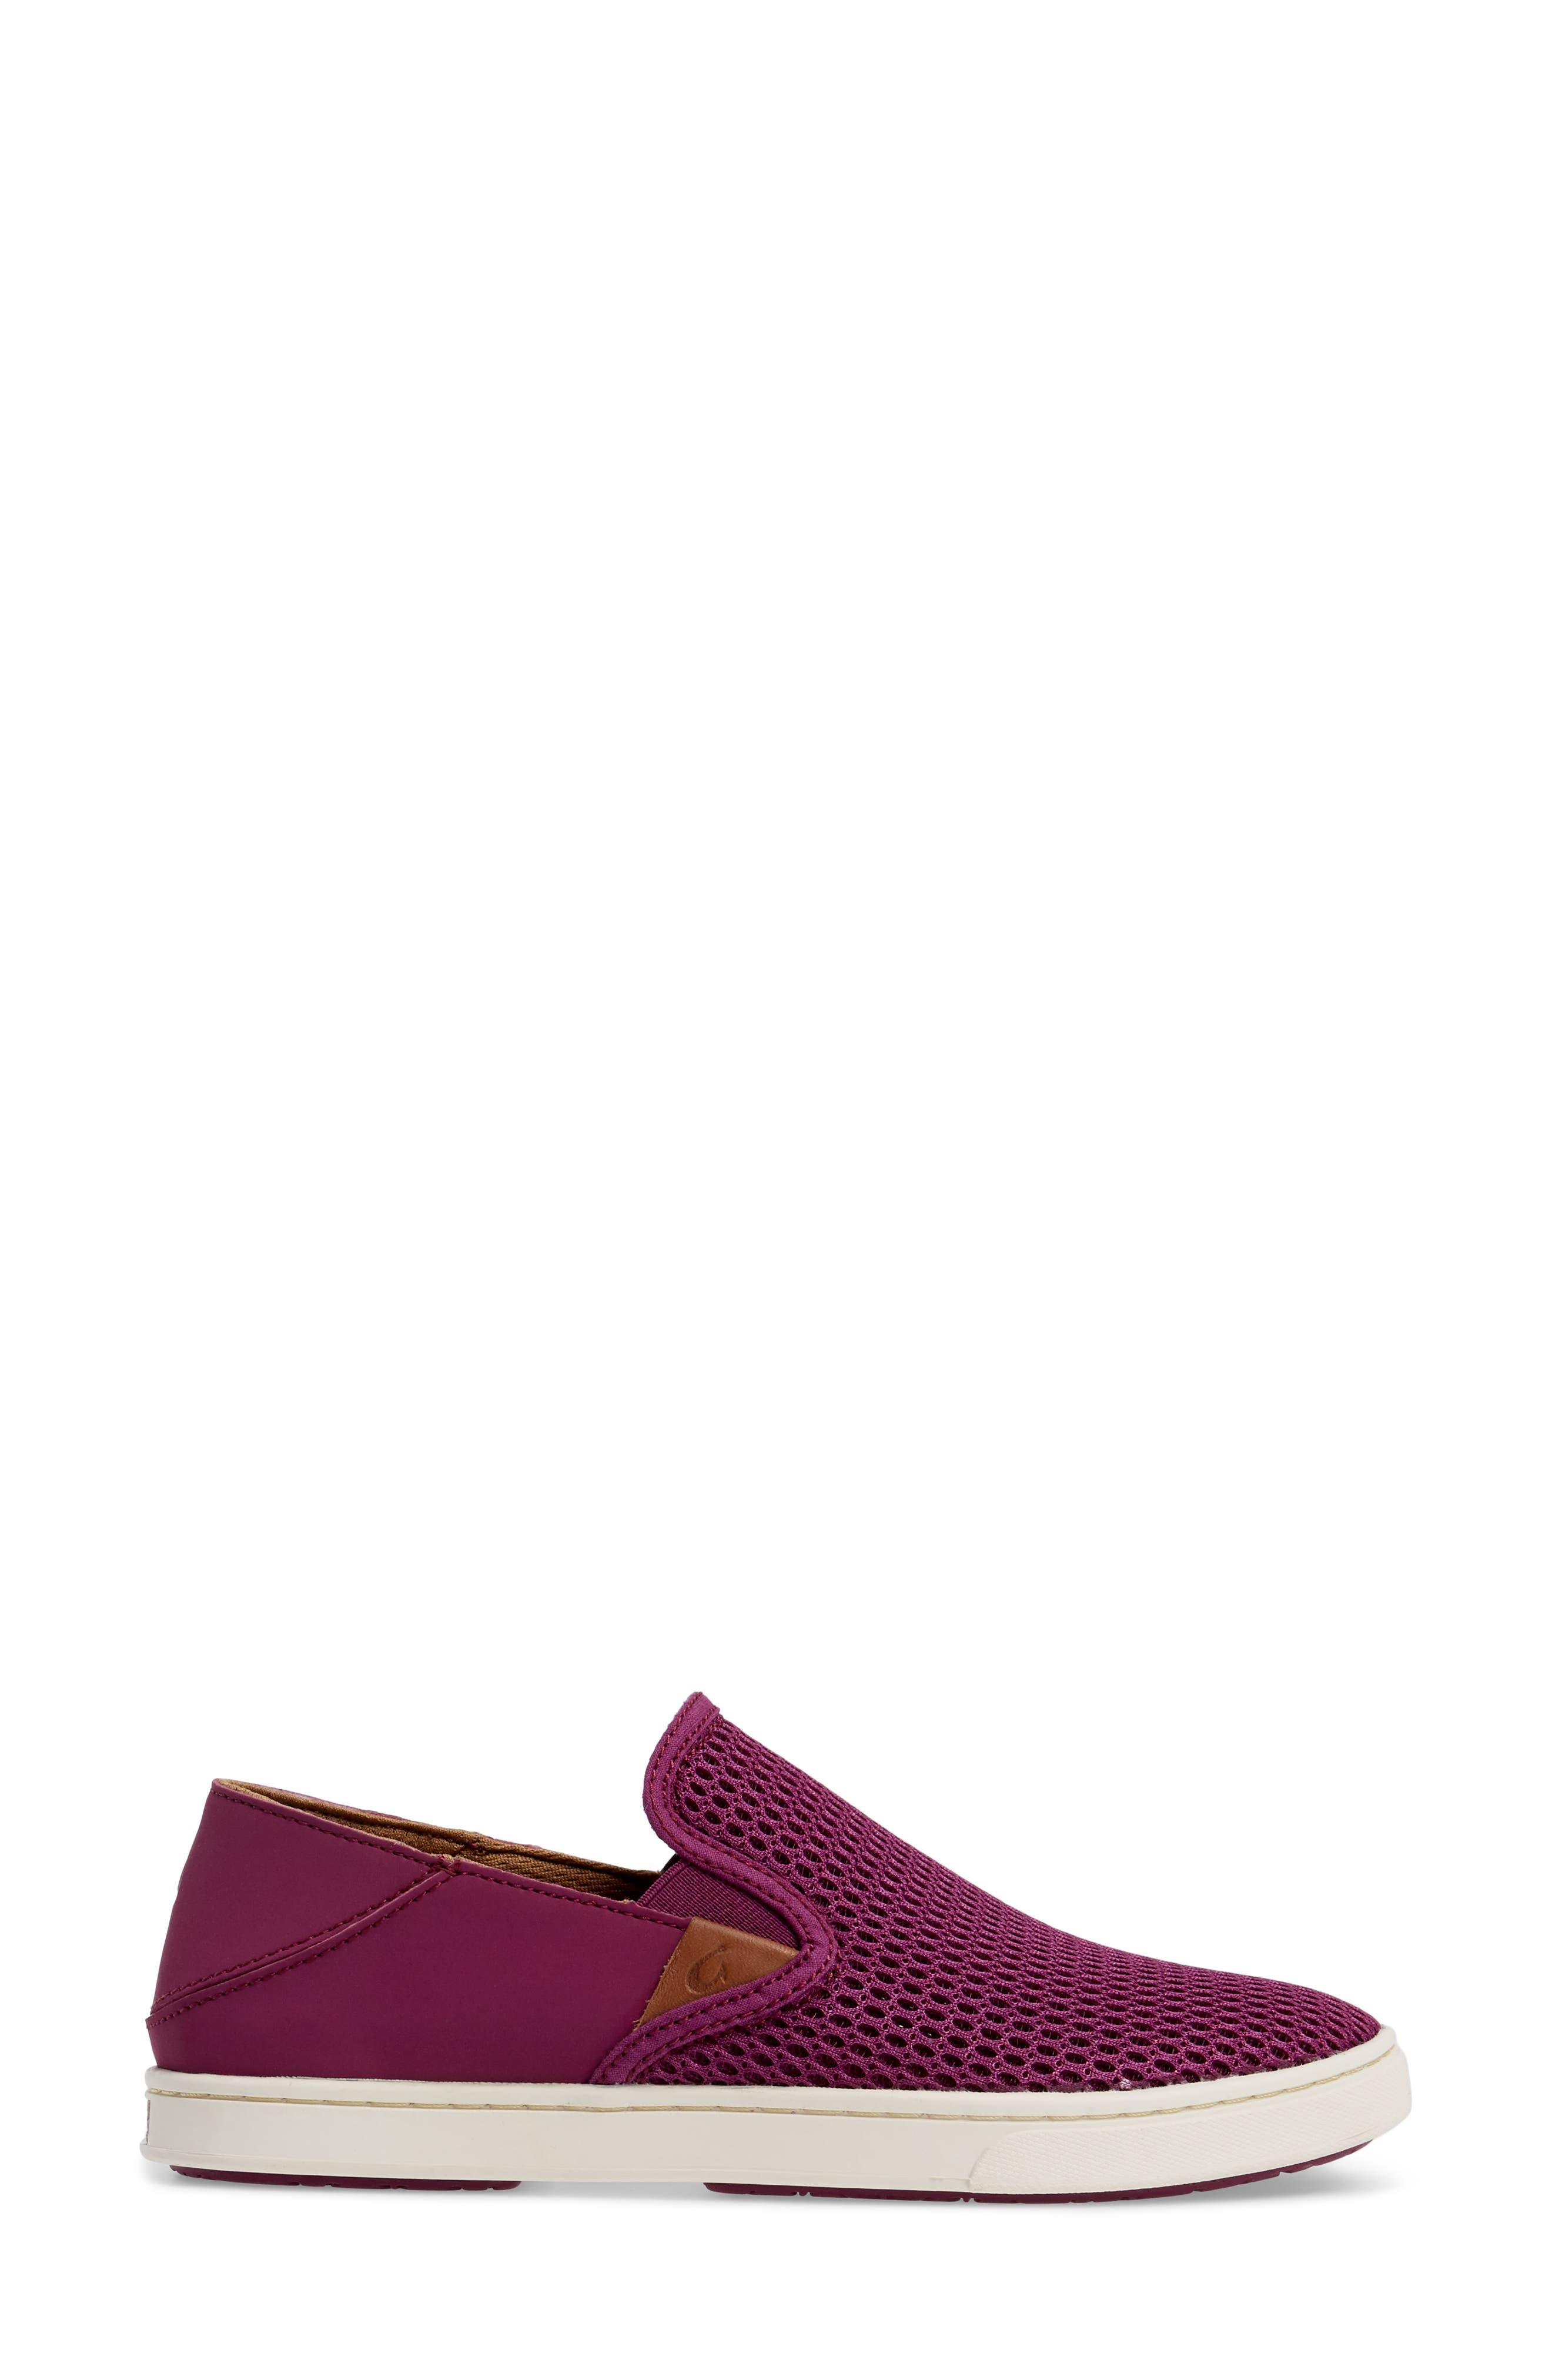 Alternate Image 3  - OluKai 'Pehuea' Slip-On Sneaker (Women)